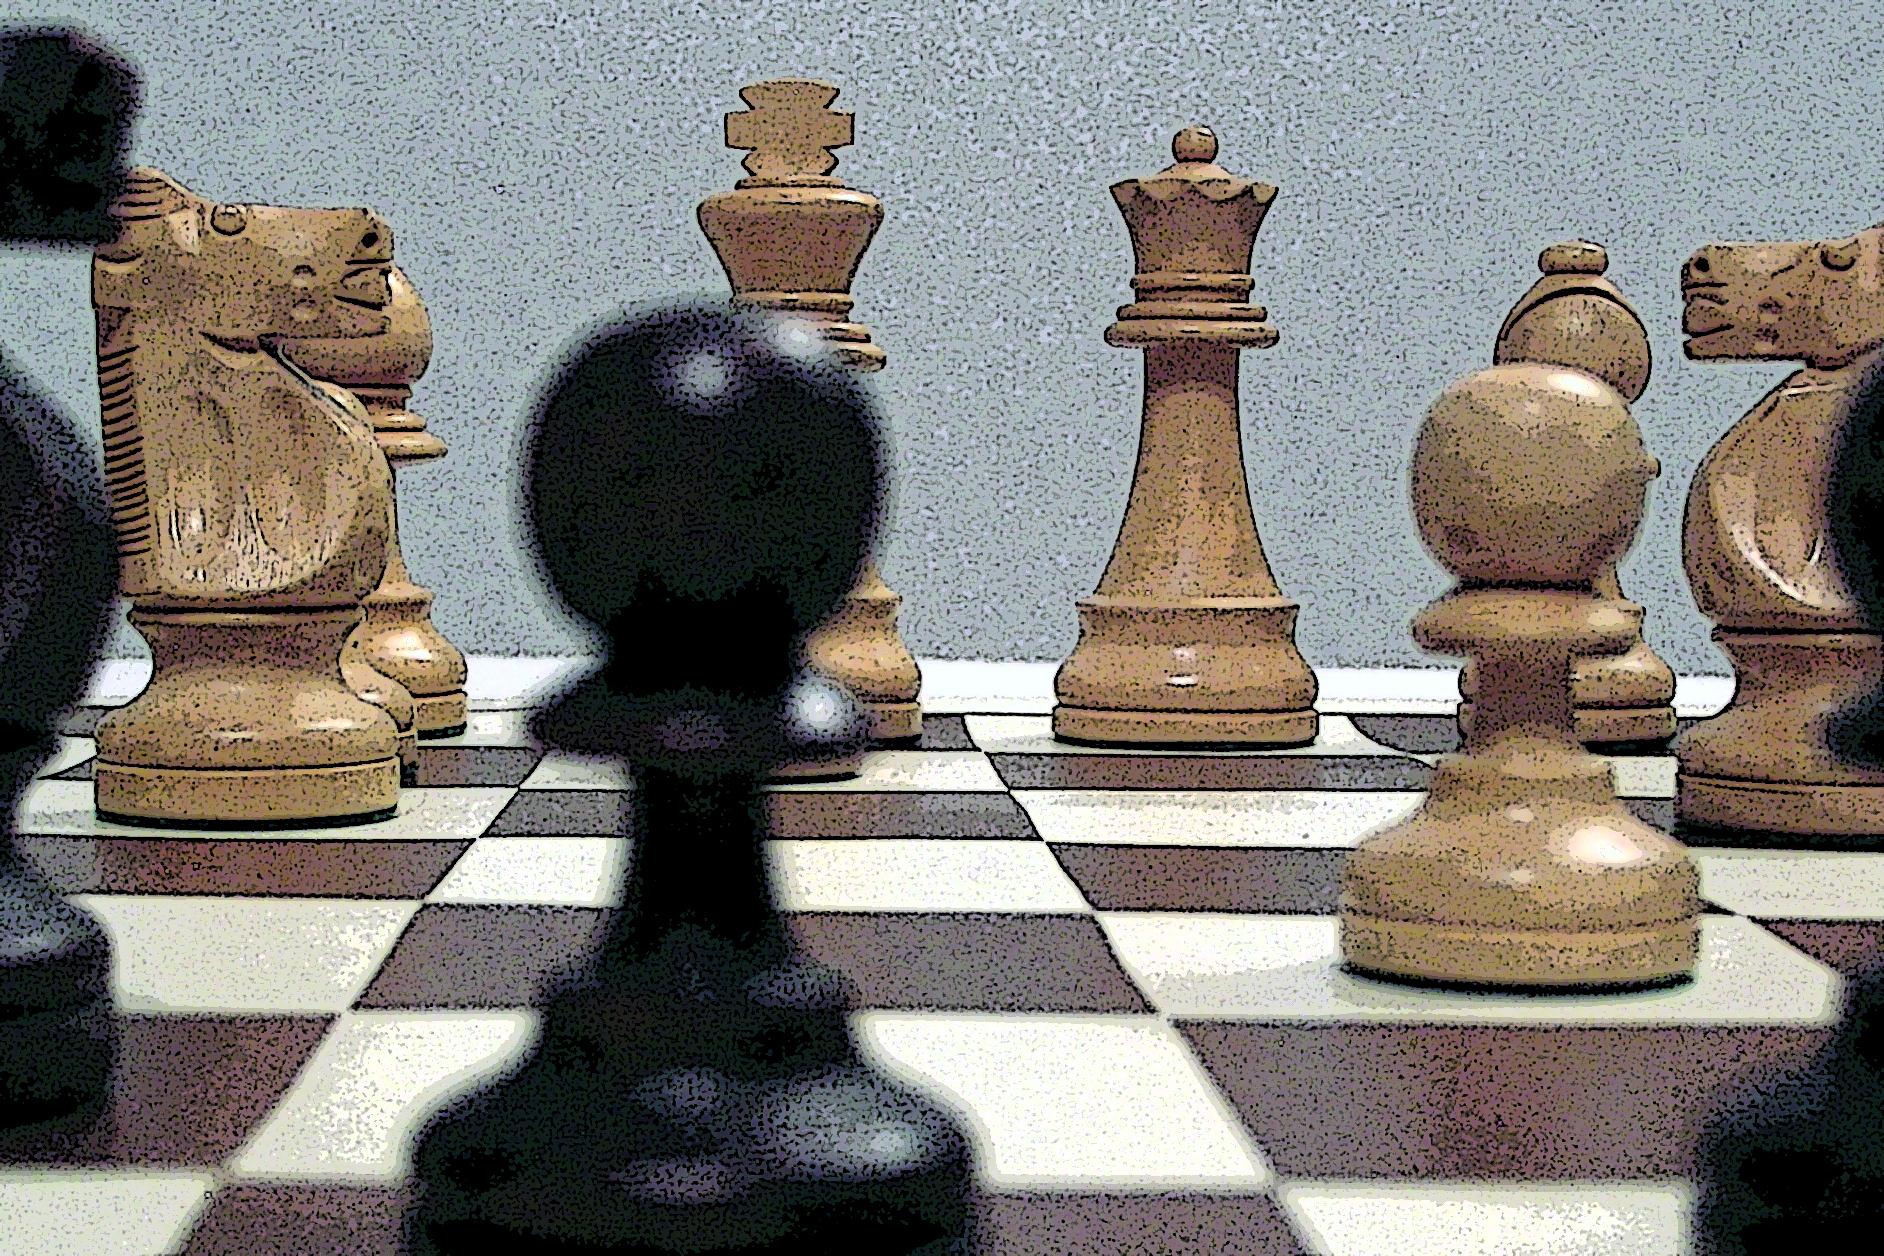 Ed's Chess Art